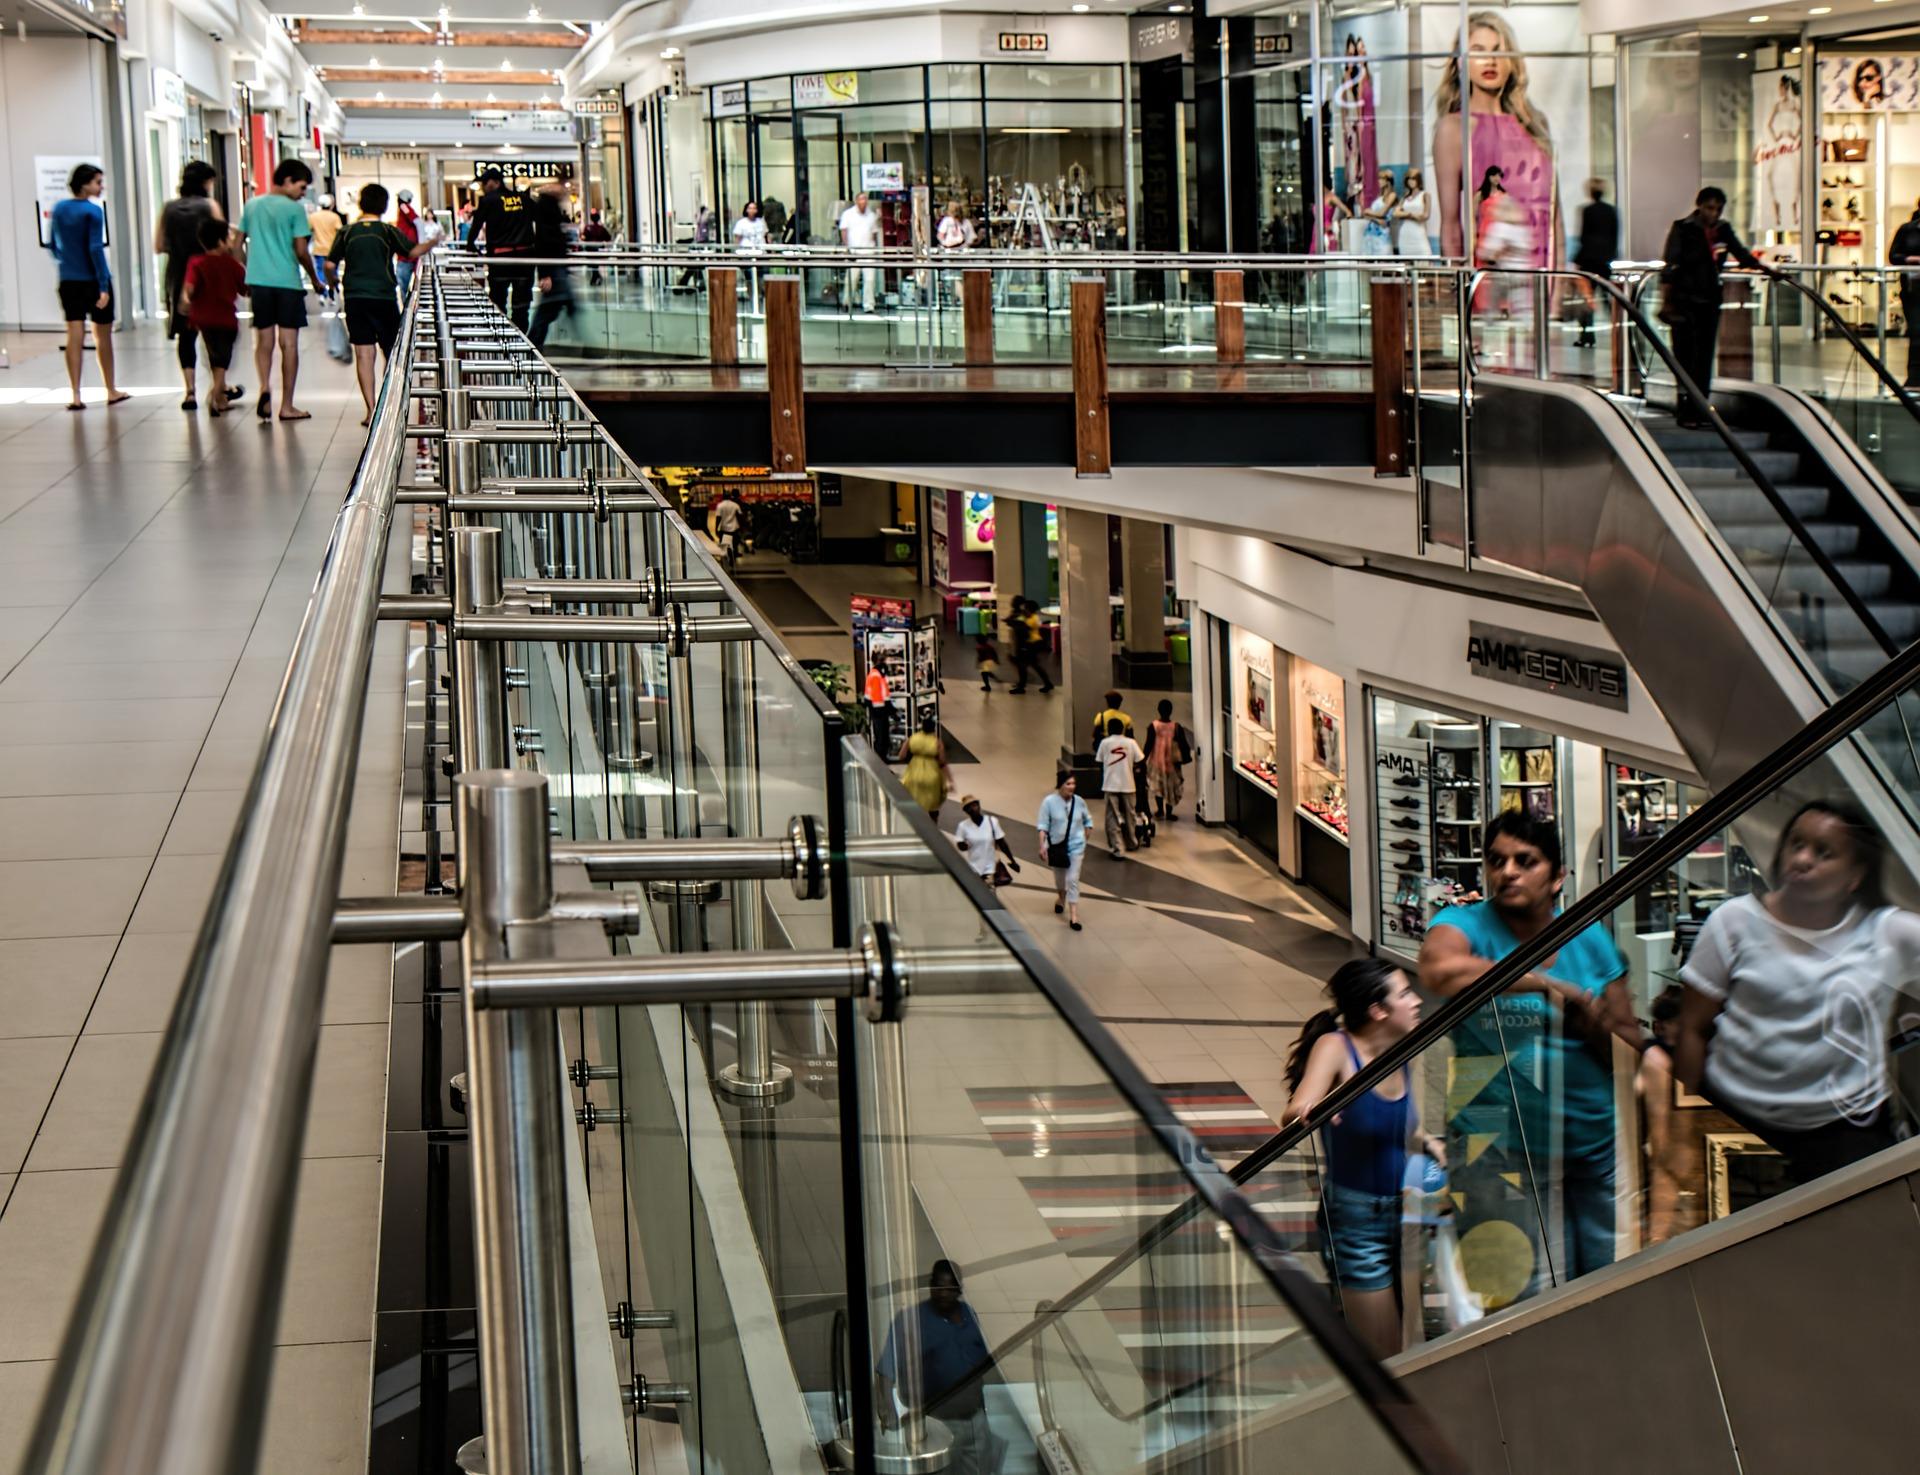 Commerce en centre commercial ou magasin en ligne : Que choisir ?